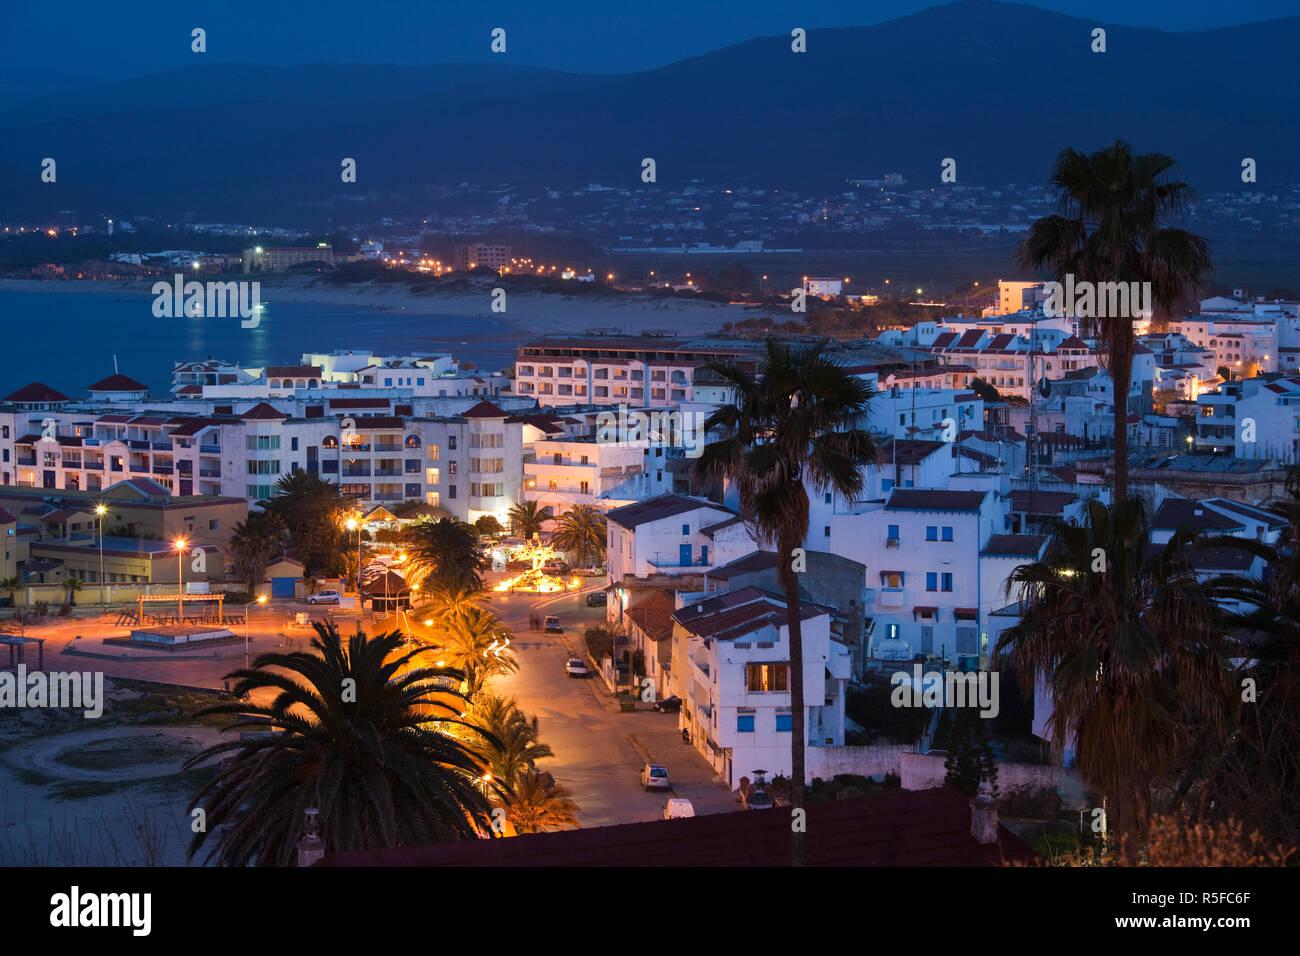 La Tunisie, le nord de la Tunisie, Tabarka, augmentation de la vue sur la ville Photo Stock